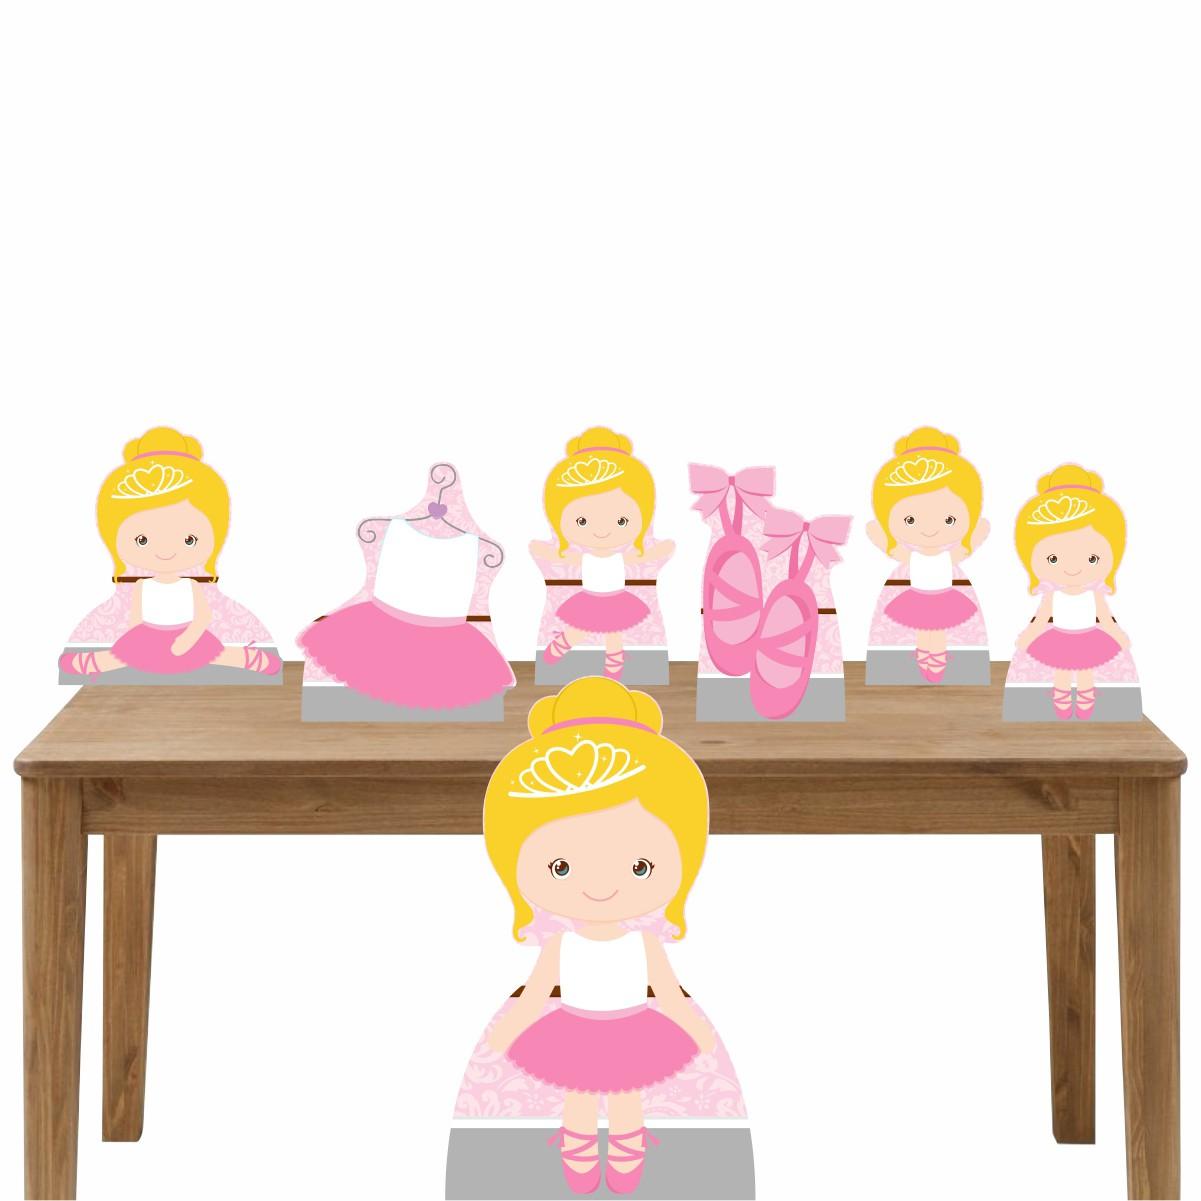 Kit Decoração de Festa Totem Display Bailarina Mod 2 - 7 Peças